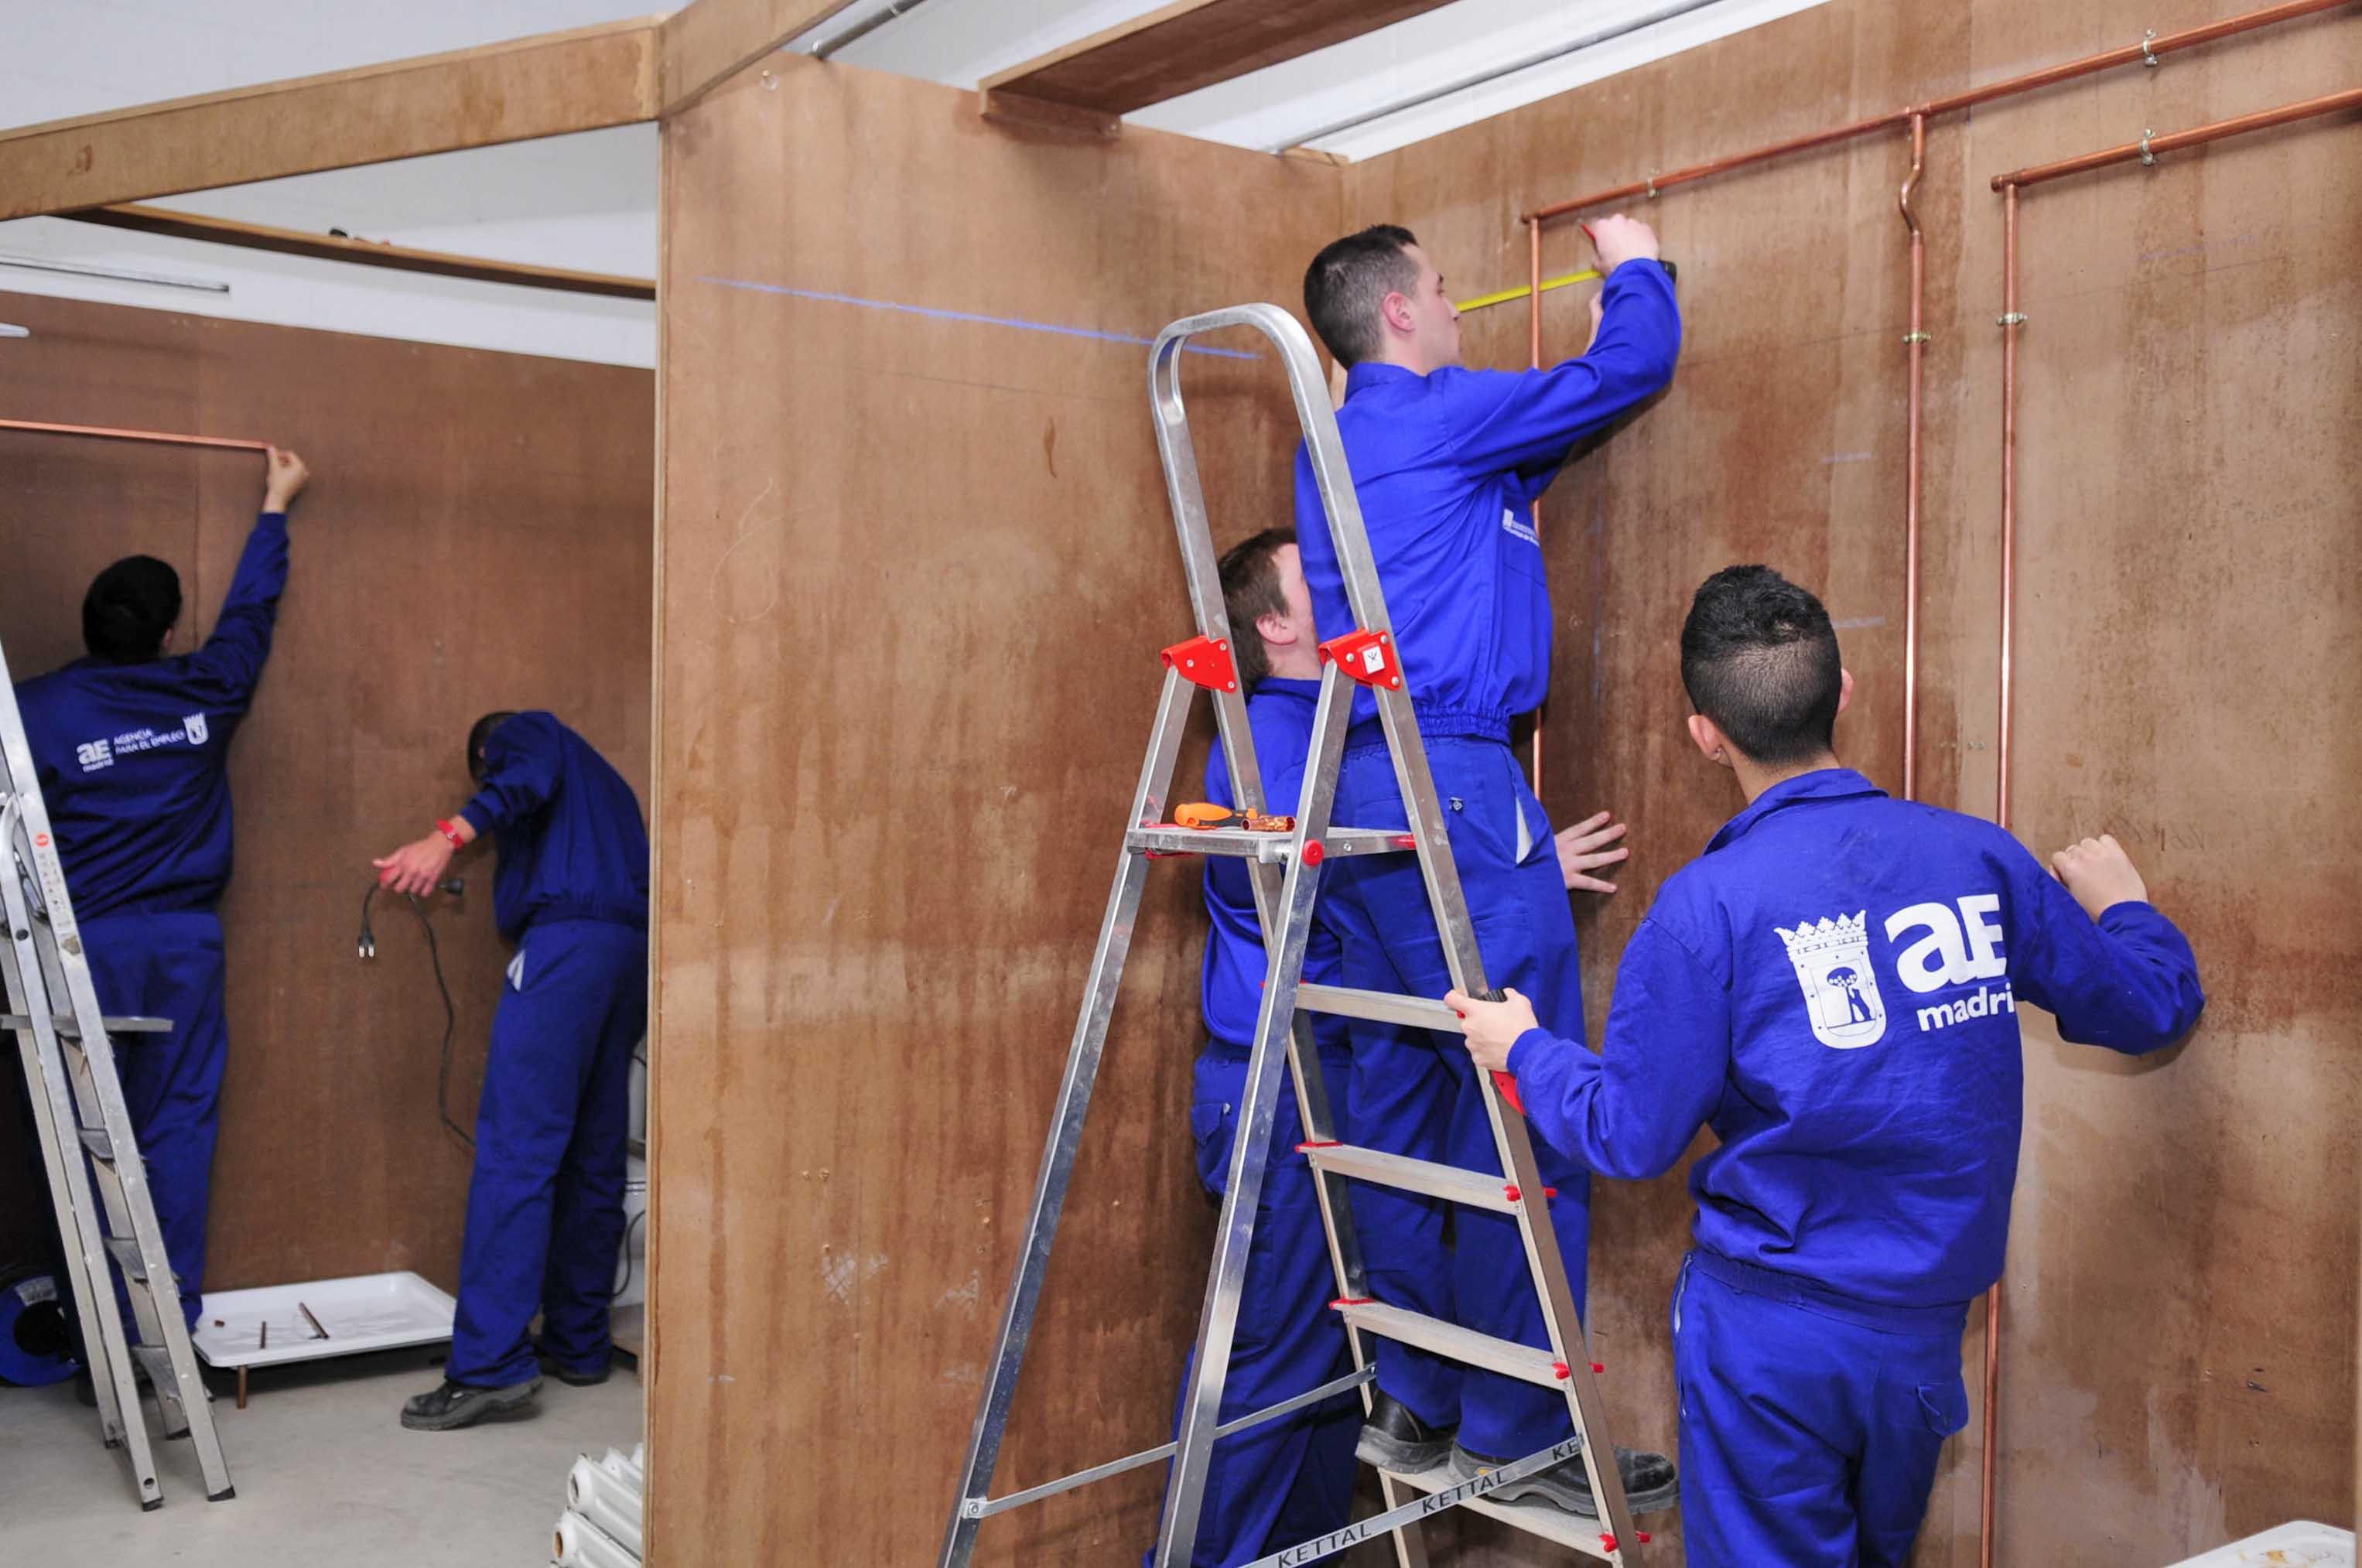 Becas de estudio para desempleados ayuntamiento de madrid for Portal empleo madrid